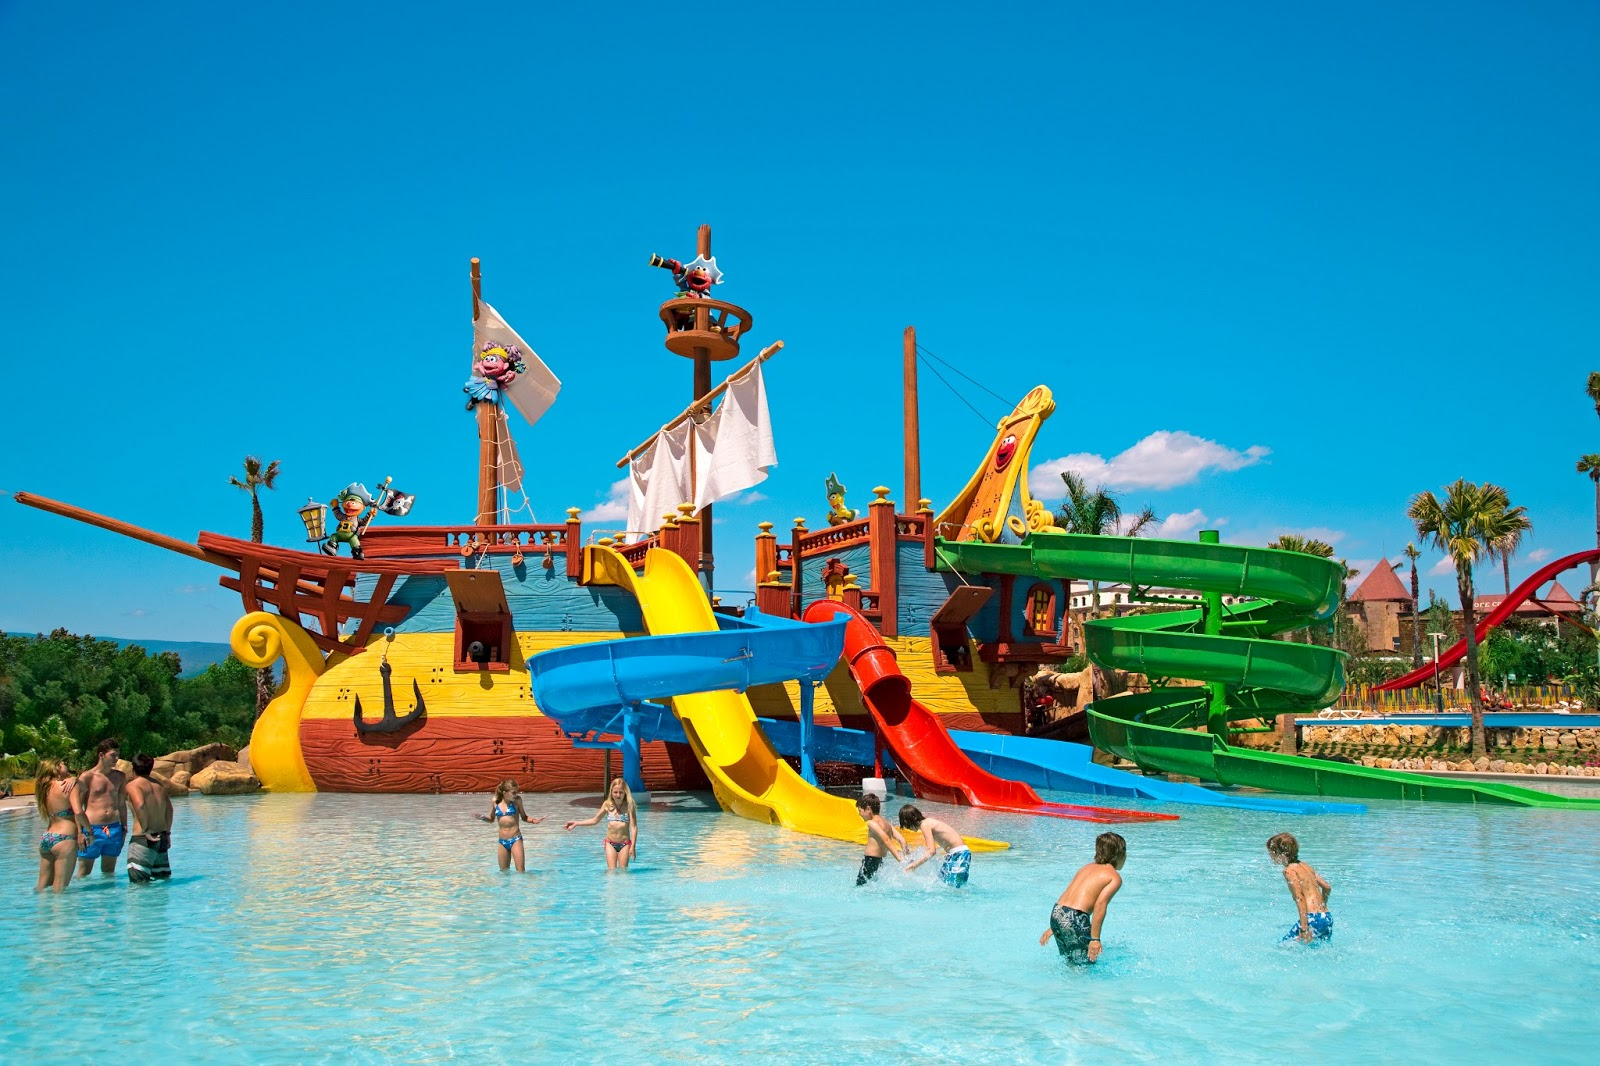 Alentours barcelone portaventura costa caribe aquatic park - Port aventura parc aquatique ...